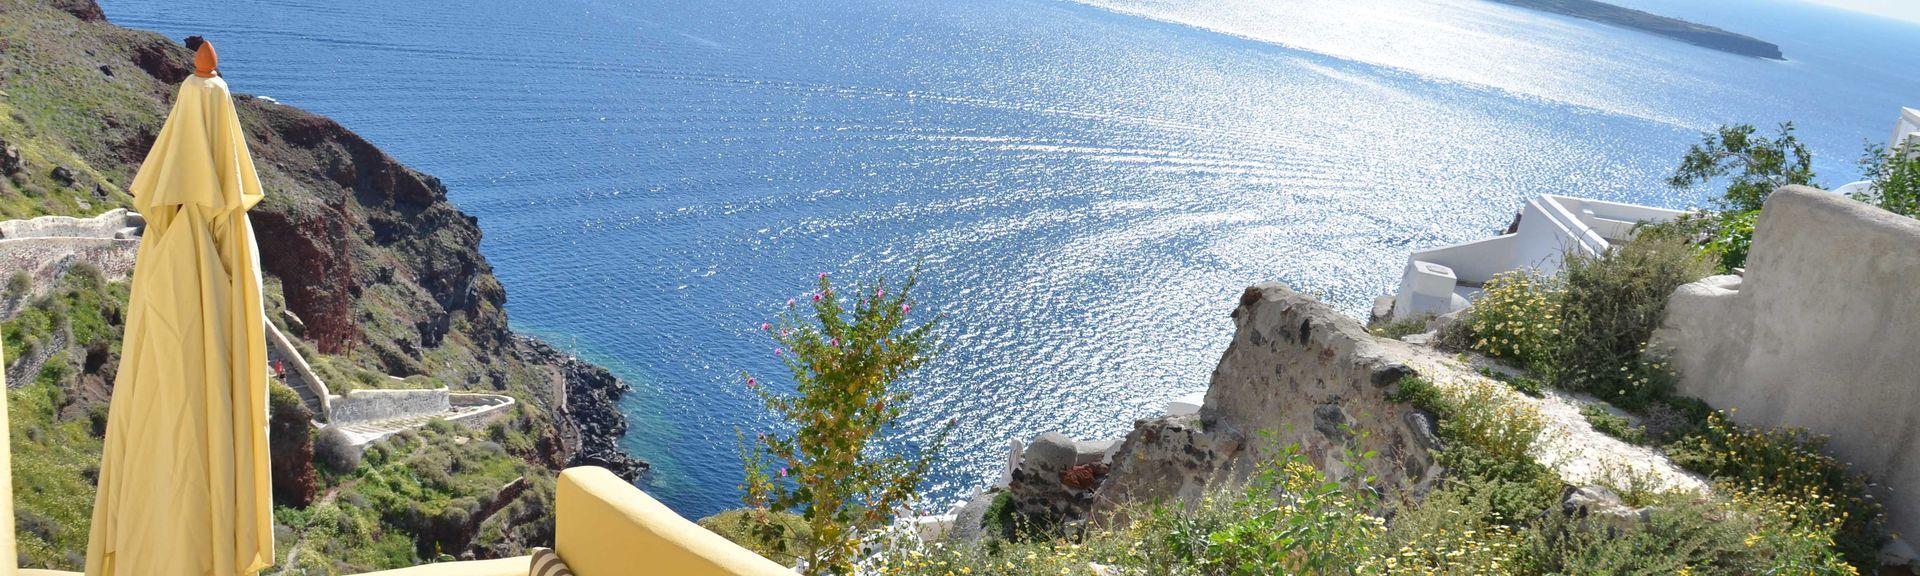 Ακρωτήρι, Νησιά του Αιγαίου, Ελλάδα